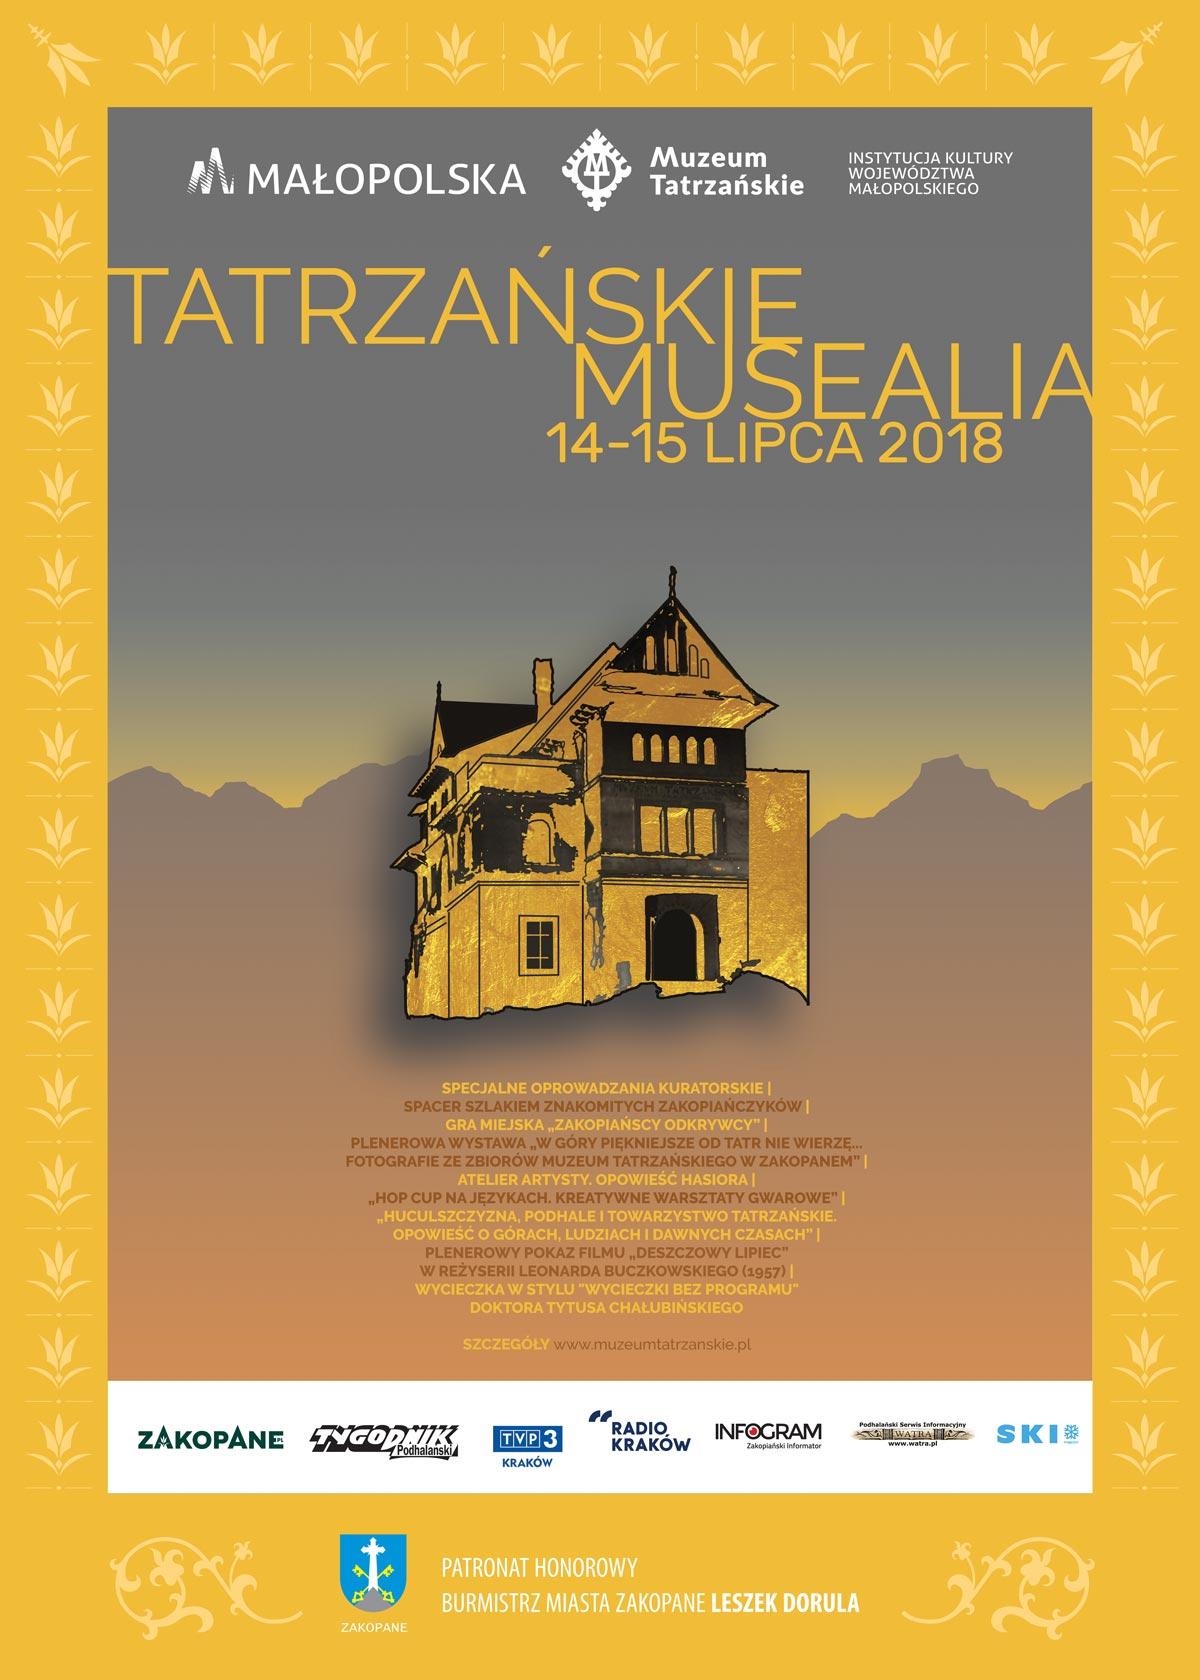 Tatrzańskie Musealia 2018 (źródło: materiały prasowe organizatora)